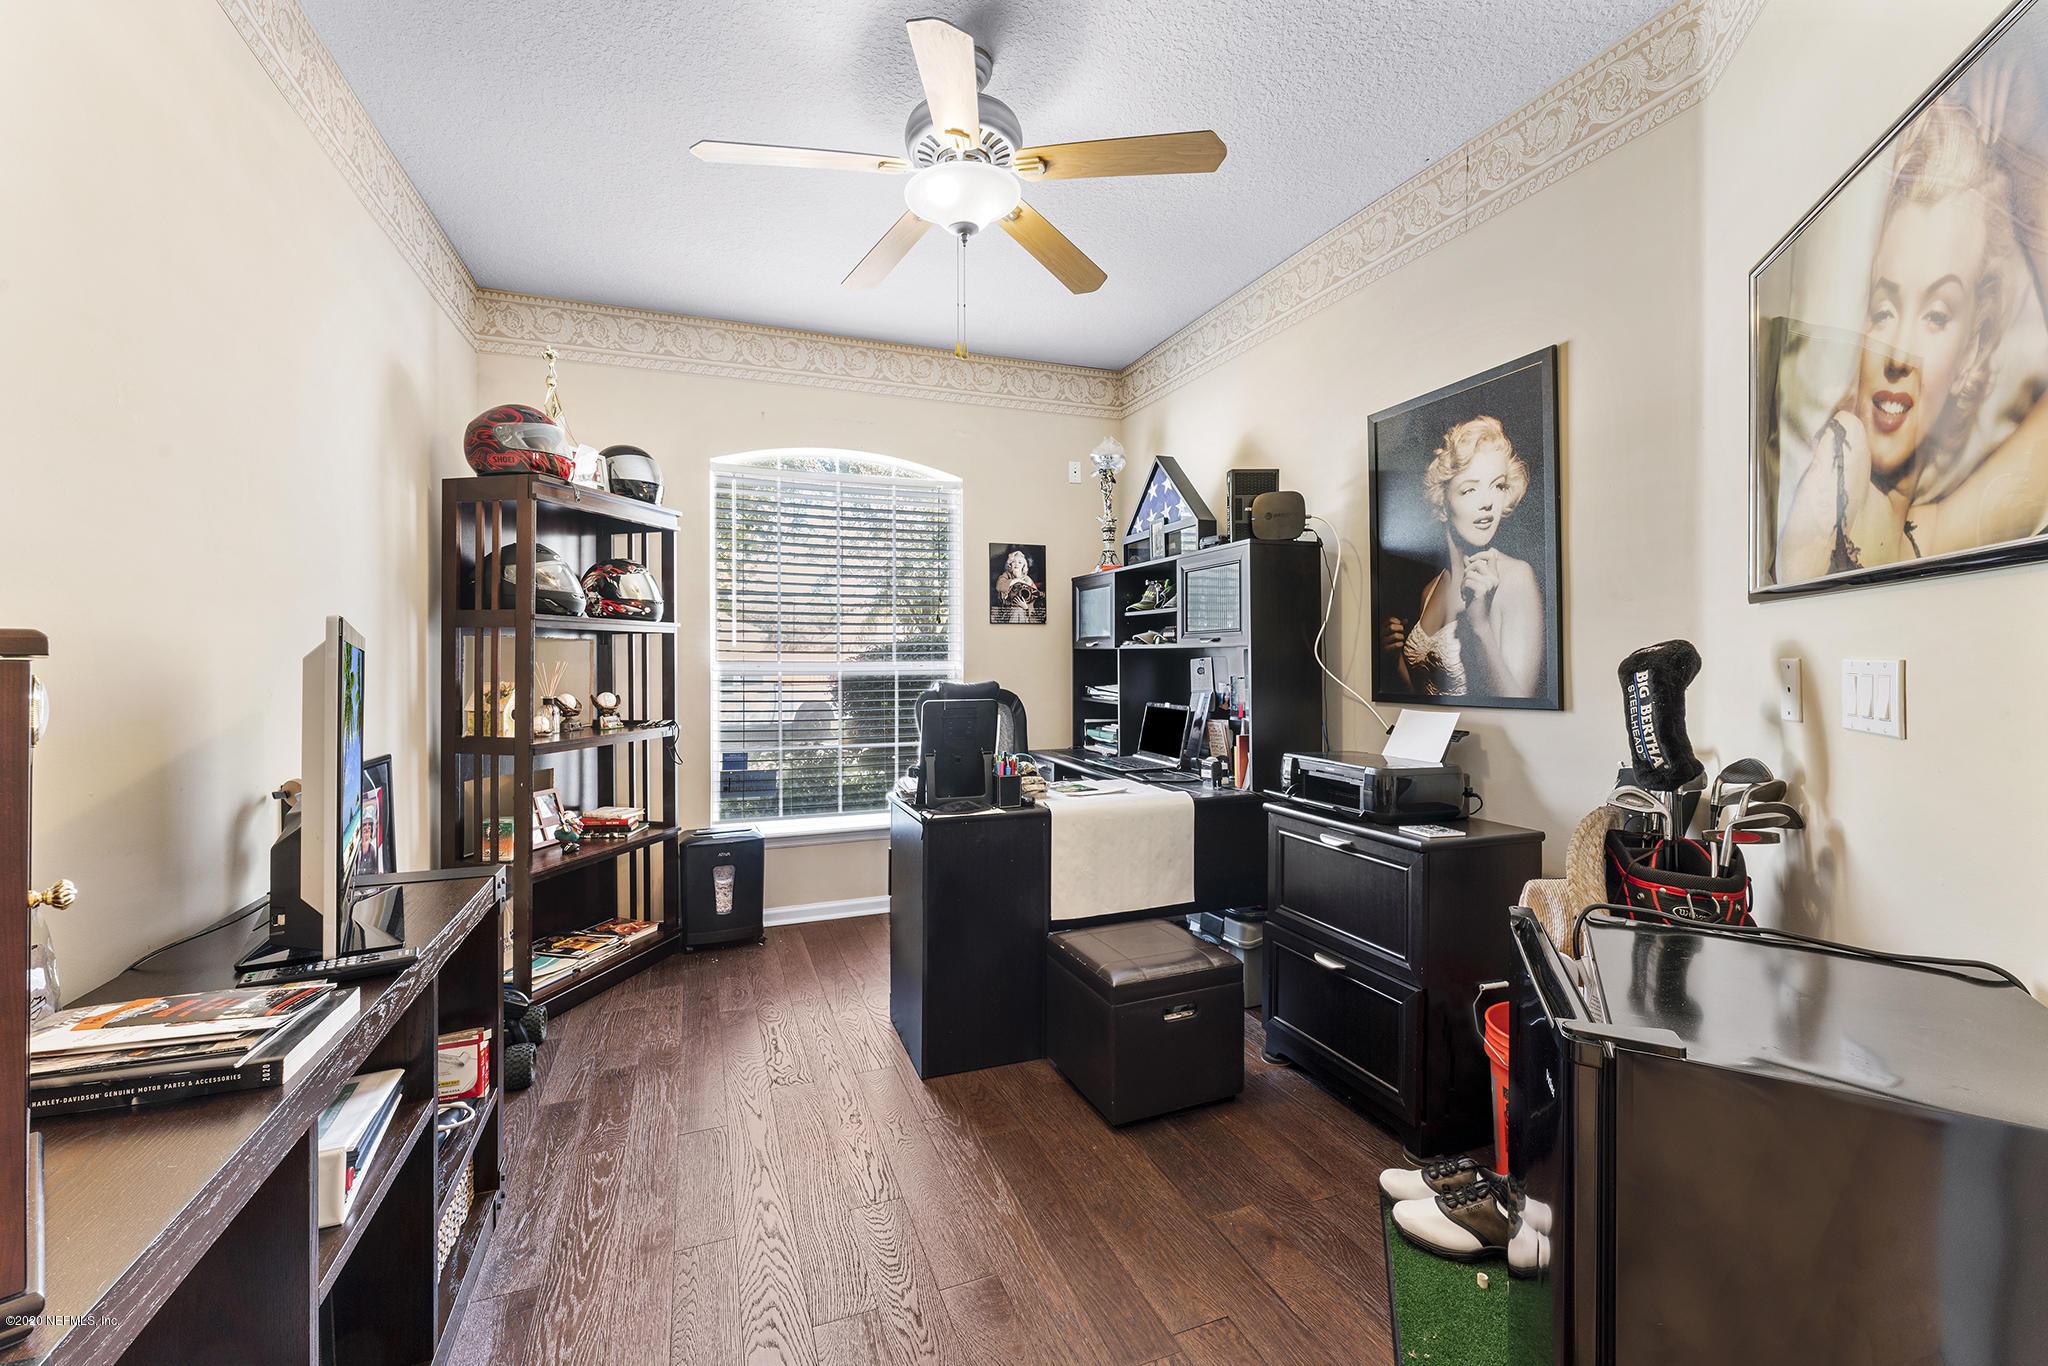 6456 GINNIE SPRINGS, JACKSONVILLE, FLORIDA 32258, 3 Bedrooms Bedrooms, ,2 BathroomsBathrooms,Residential,For sale,GINNIE SPRINGS,1080838